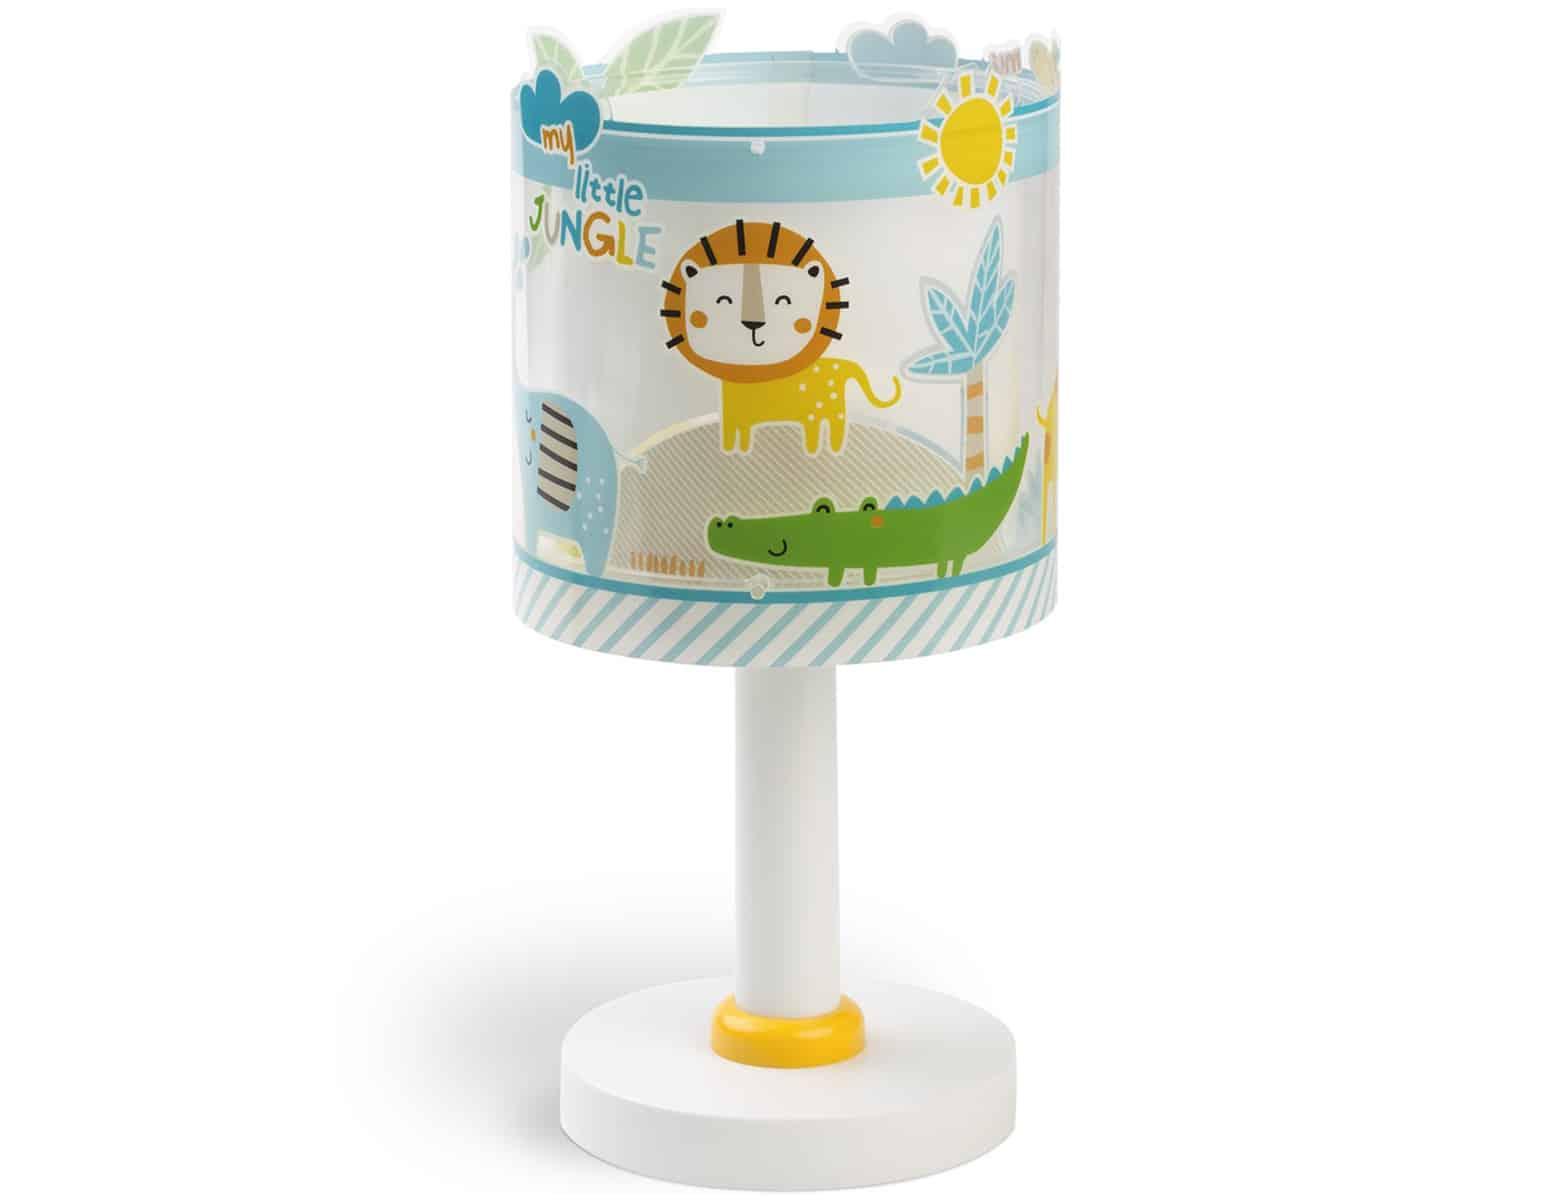 Επιτραπέζιο Φωτιστικό My Little Jungle Ango 15x15x30,8εκ. 76111 (Υλικό: Πλαστικό) – ango – ANGO_76111